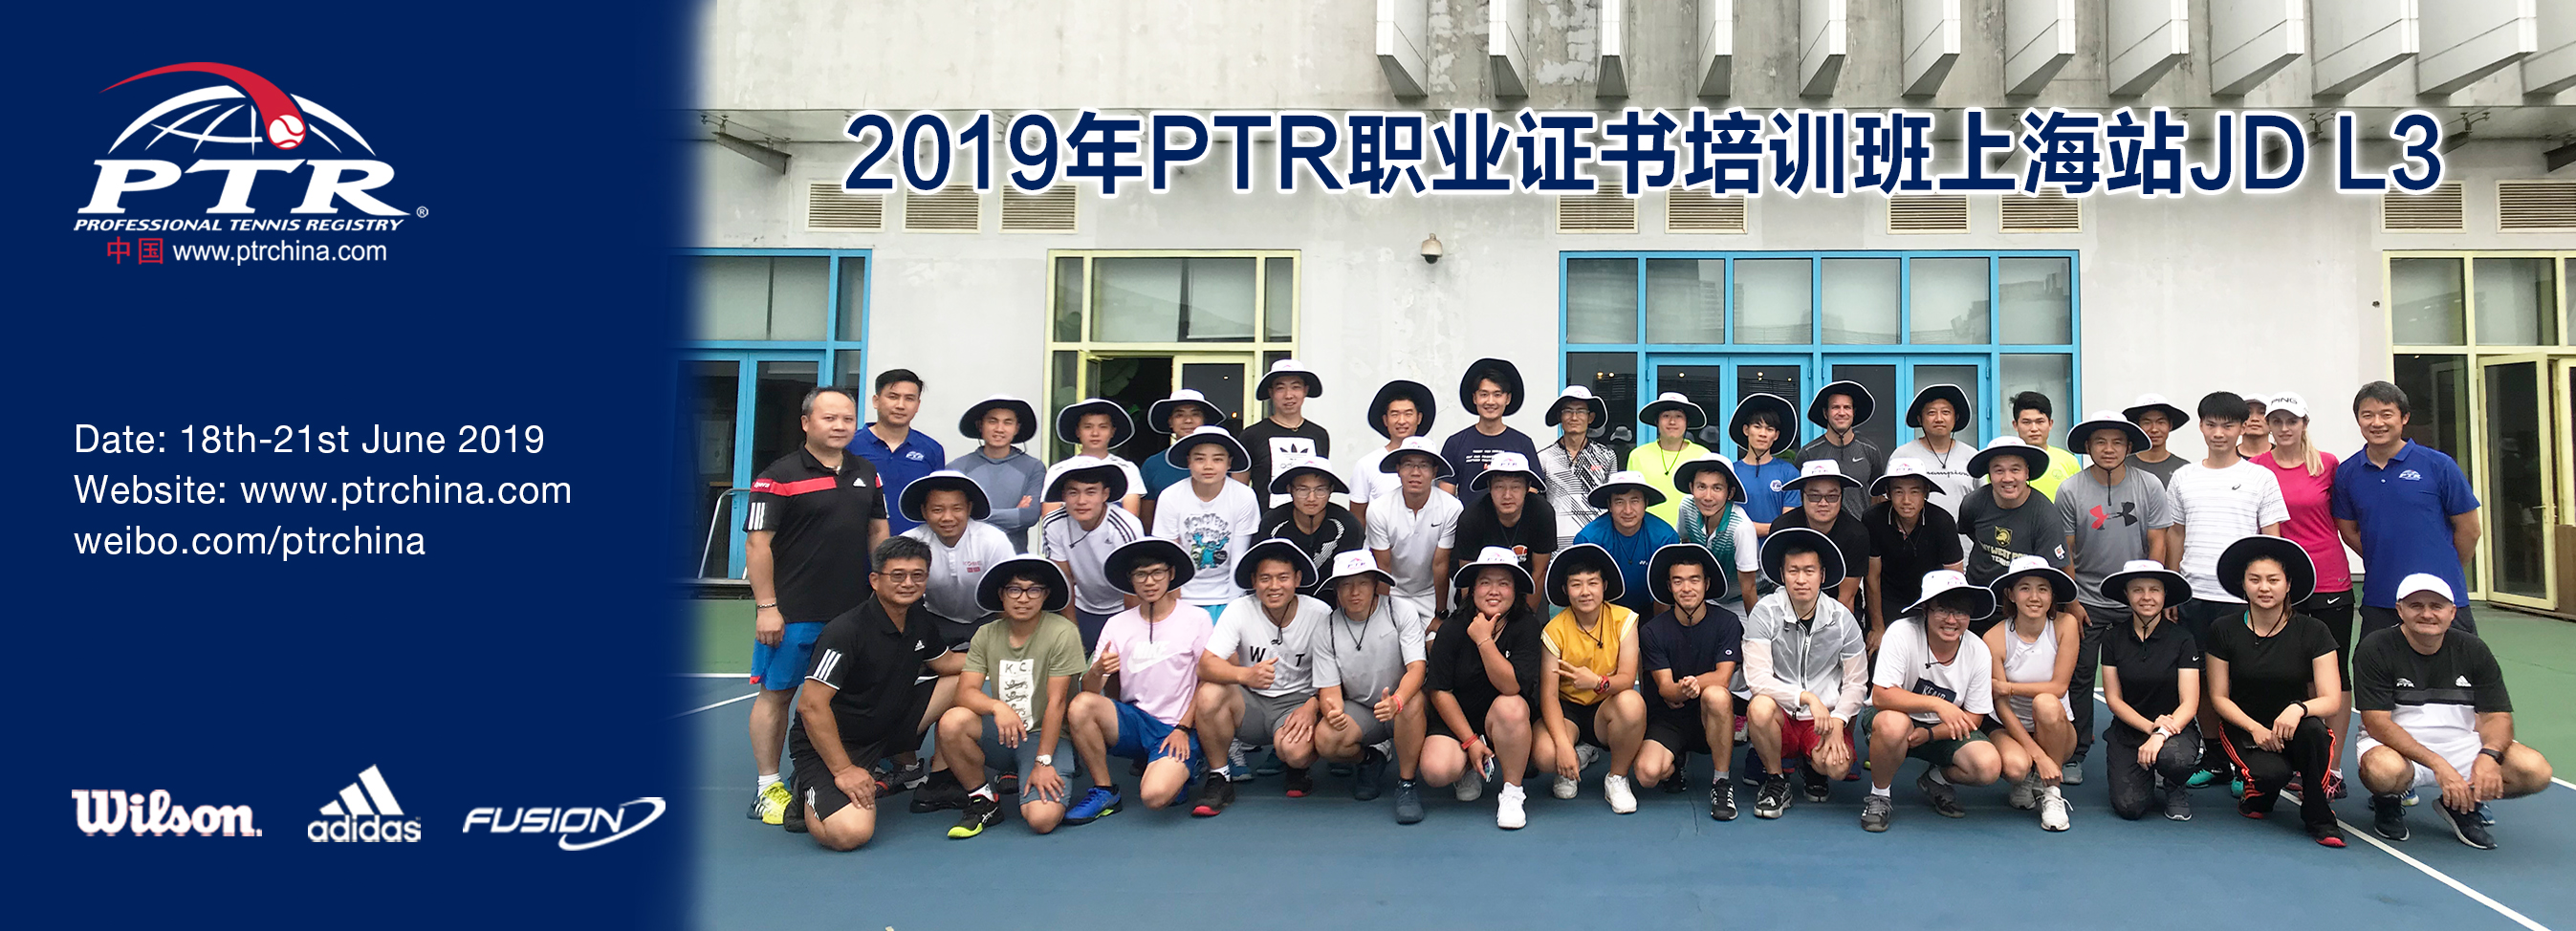 2019上海职业发展周 PTR JD L3青少年网球专家级课程上海站完美结业!